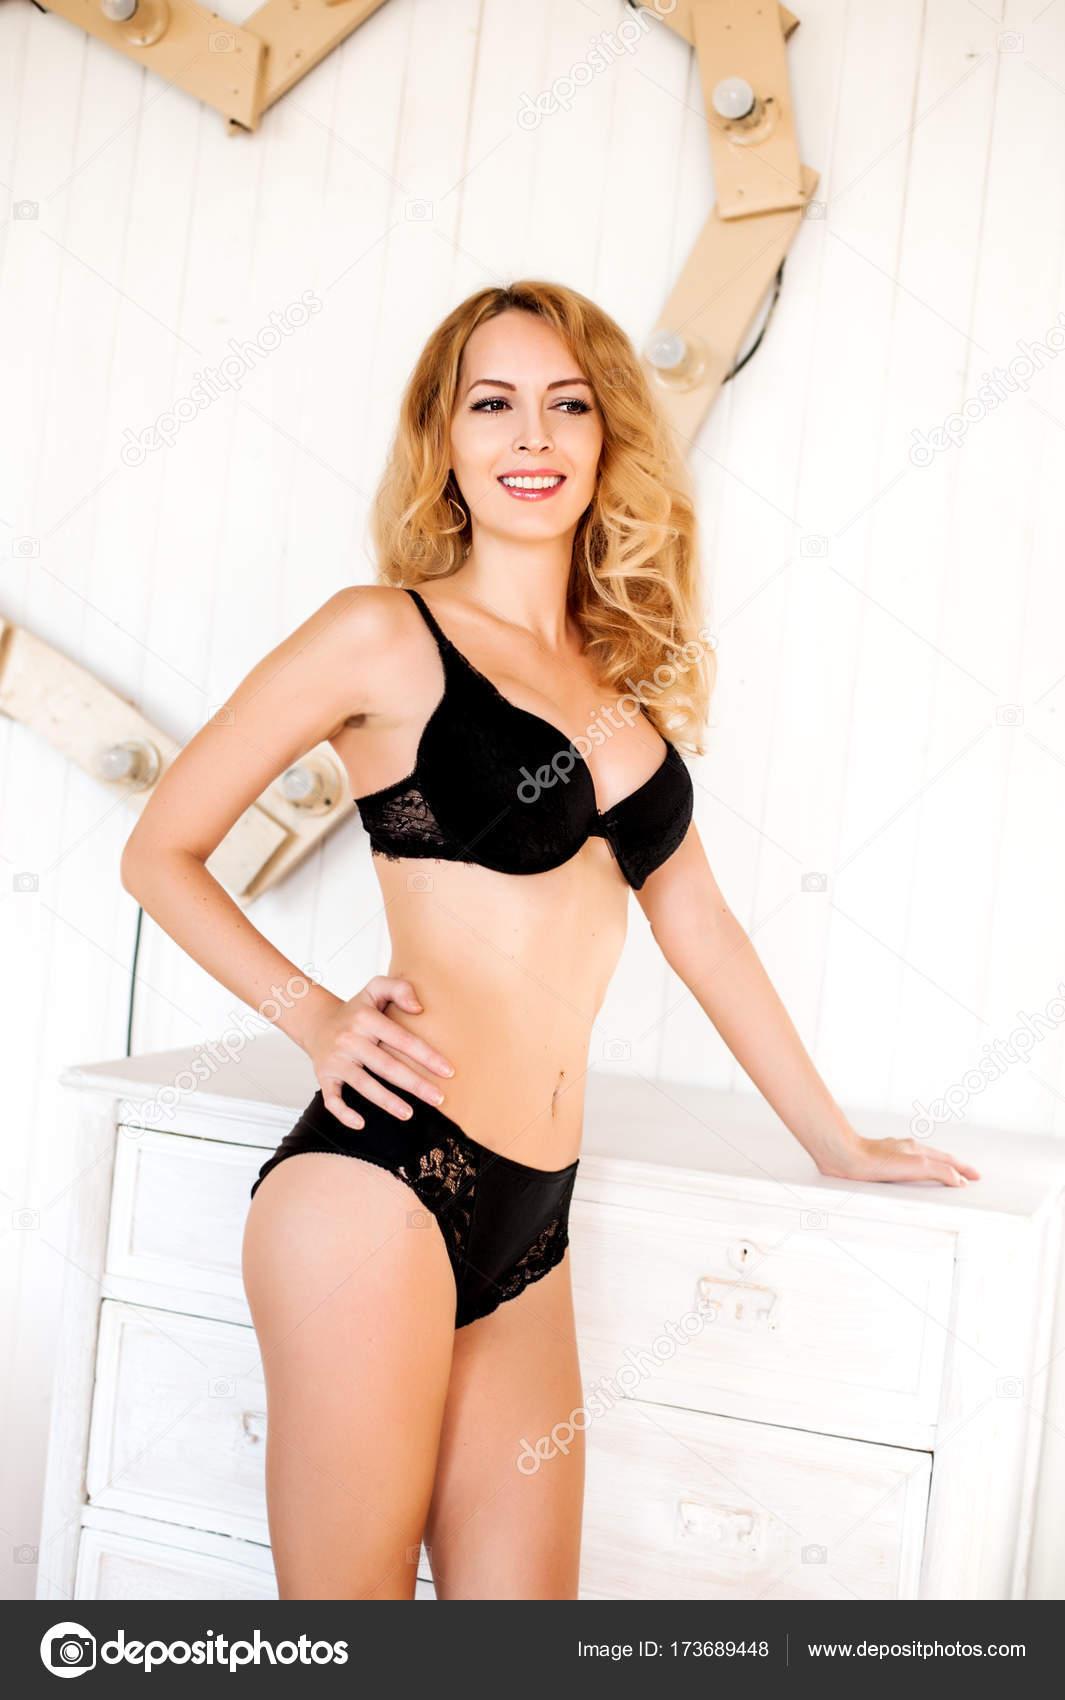 8aac2bafc Lingerie sexy linda modelo - loira jovem com perfeita figura vestindo  calcinha preta e sutiã no quarto branco e sorriso — Fotografia por ...